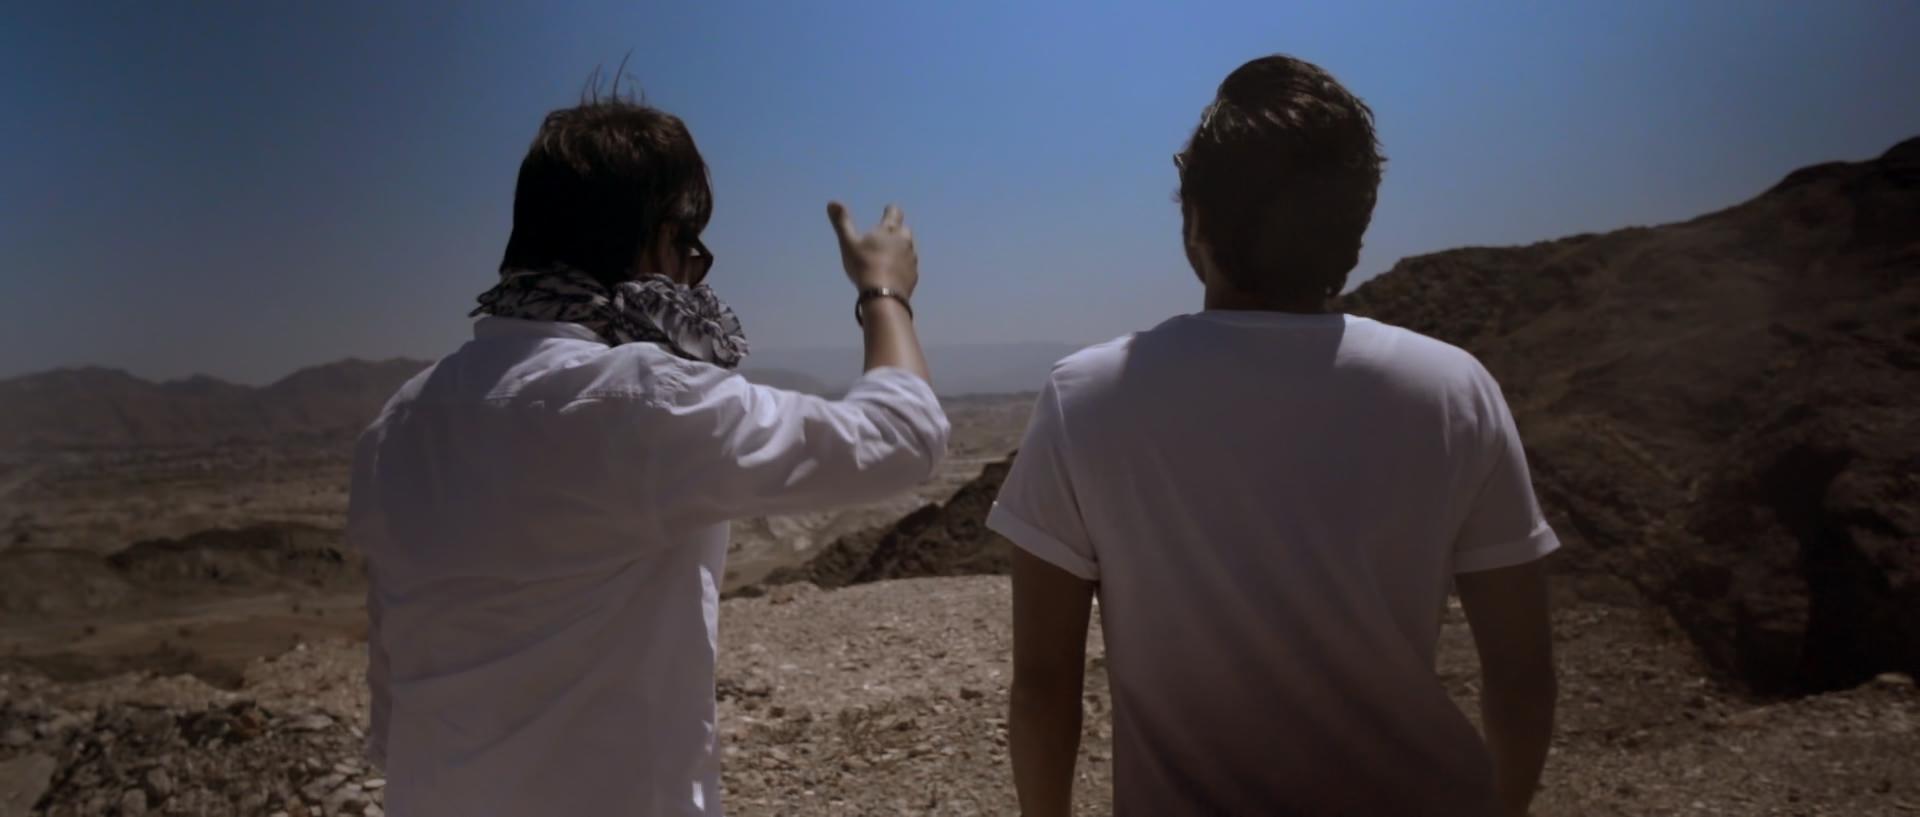 Sara al arab land rover_1.2.1.jpg